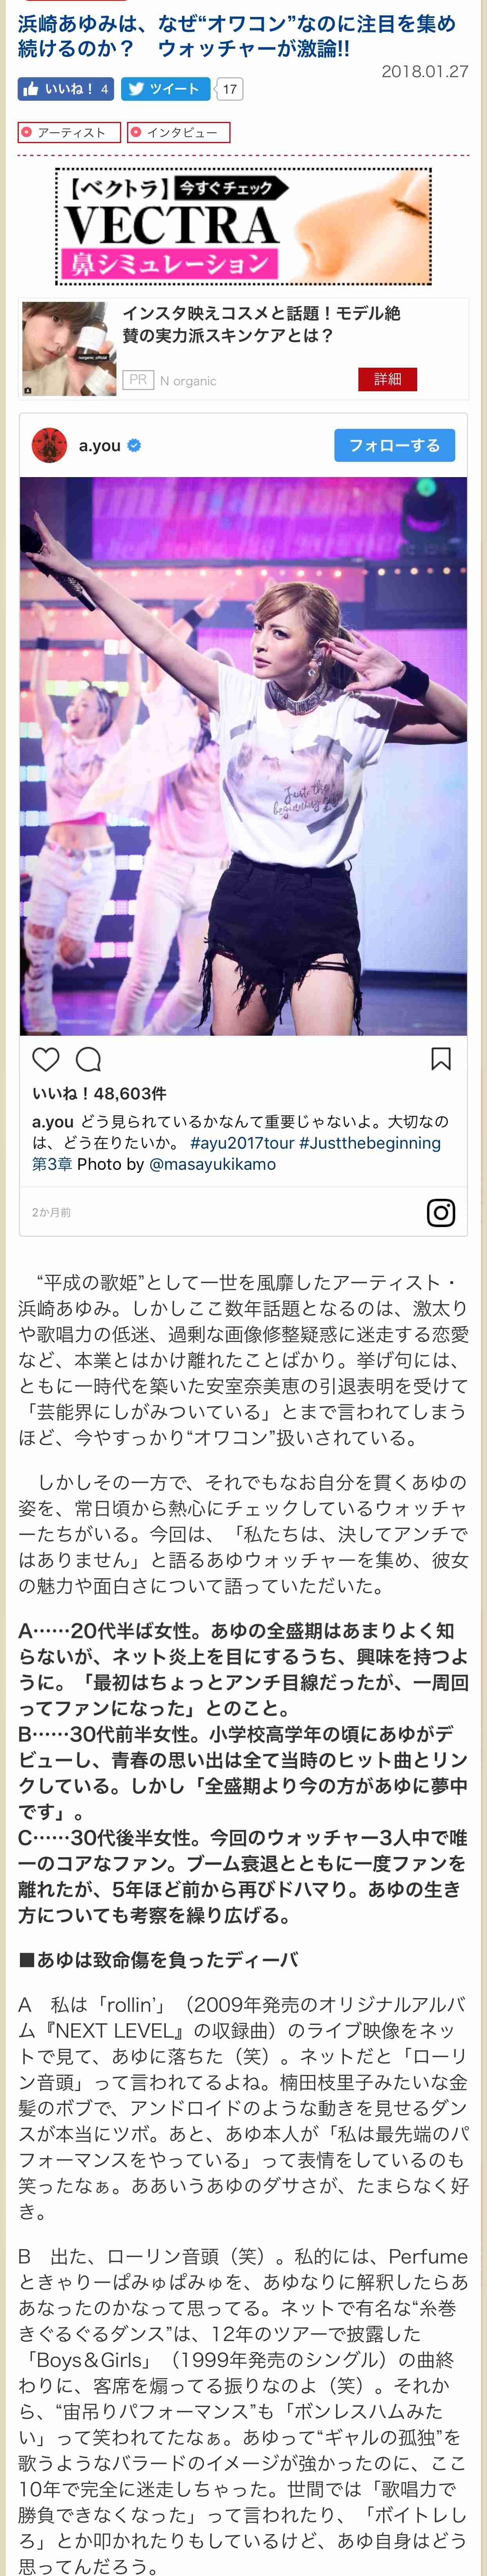 浜崎あゆみ、アリーナツアーの豪華パンフをチラ見せ公開でファン歓喜